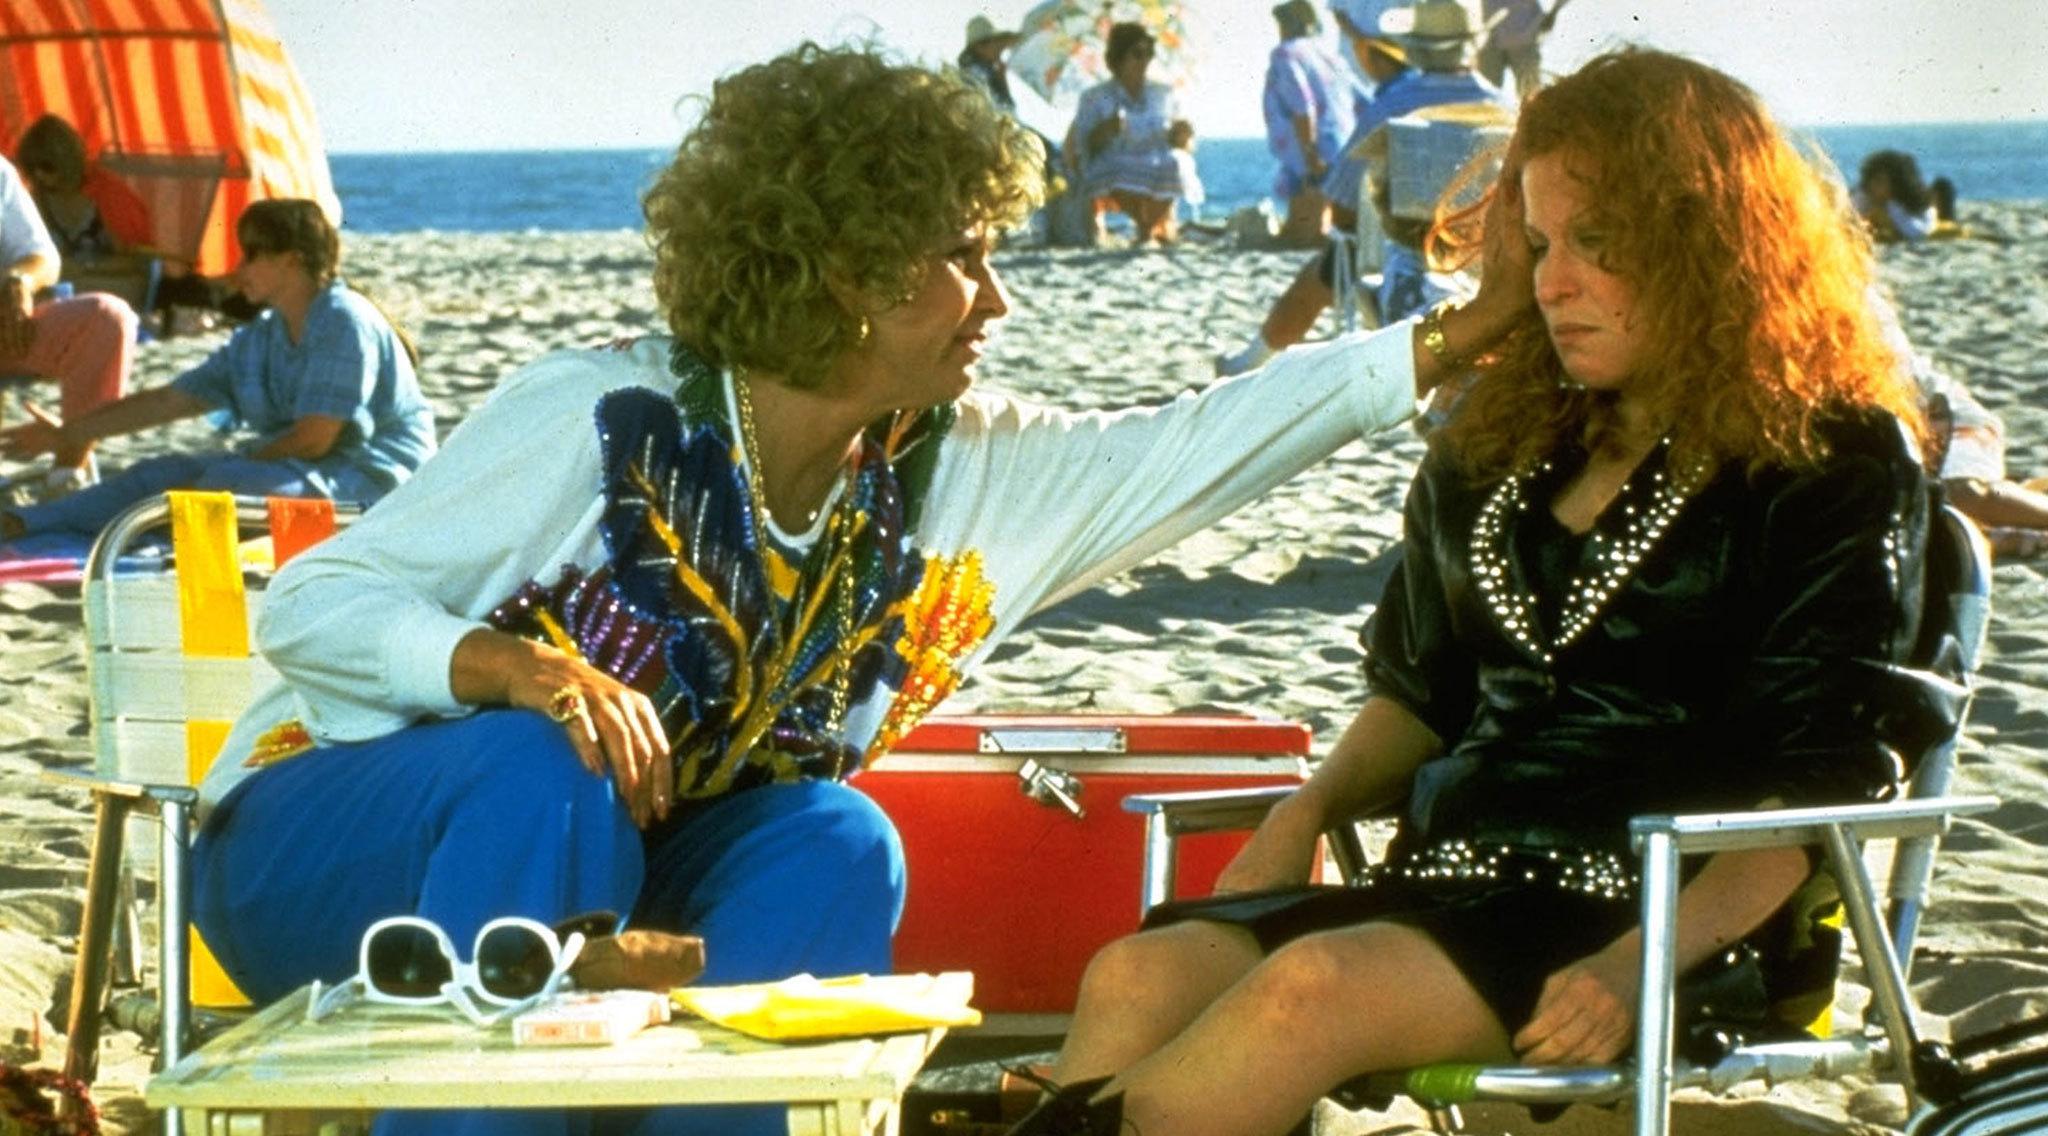 20 best friendship movies: Beaches